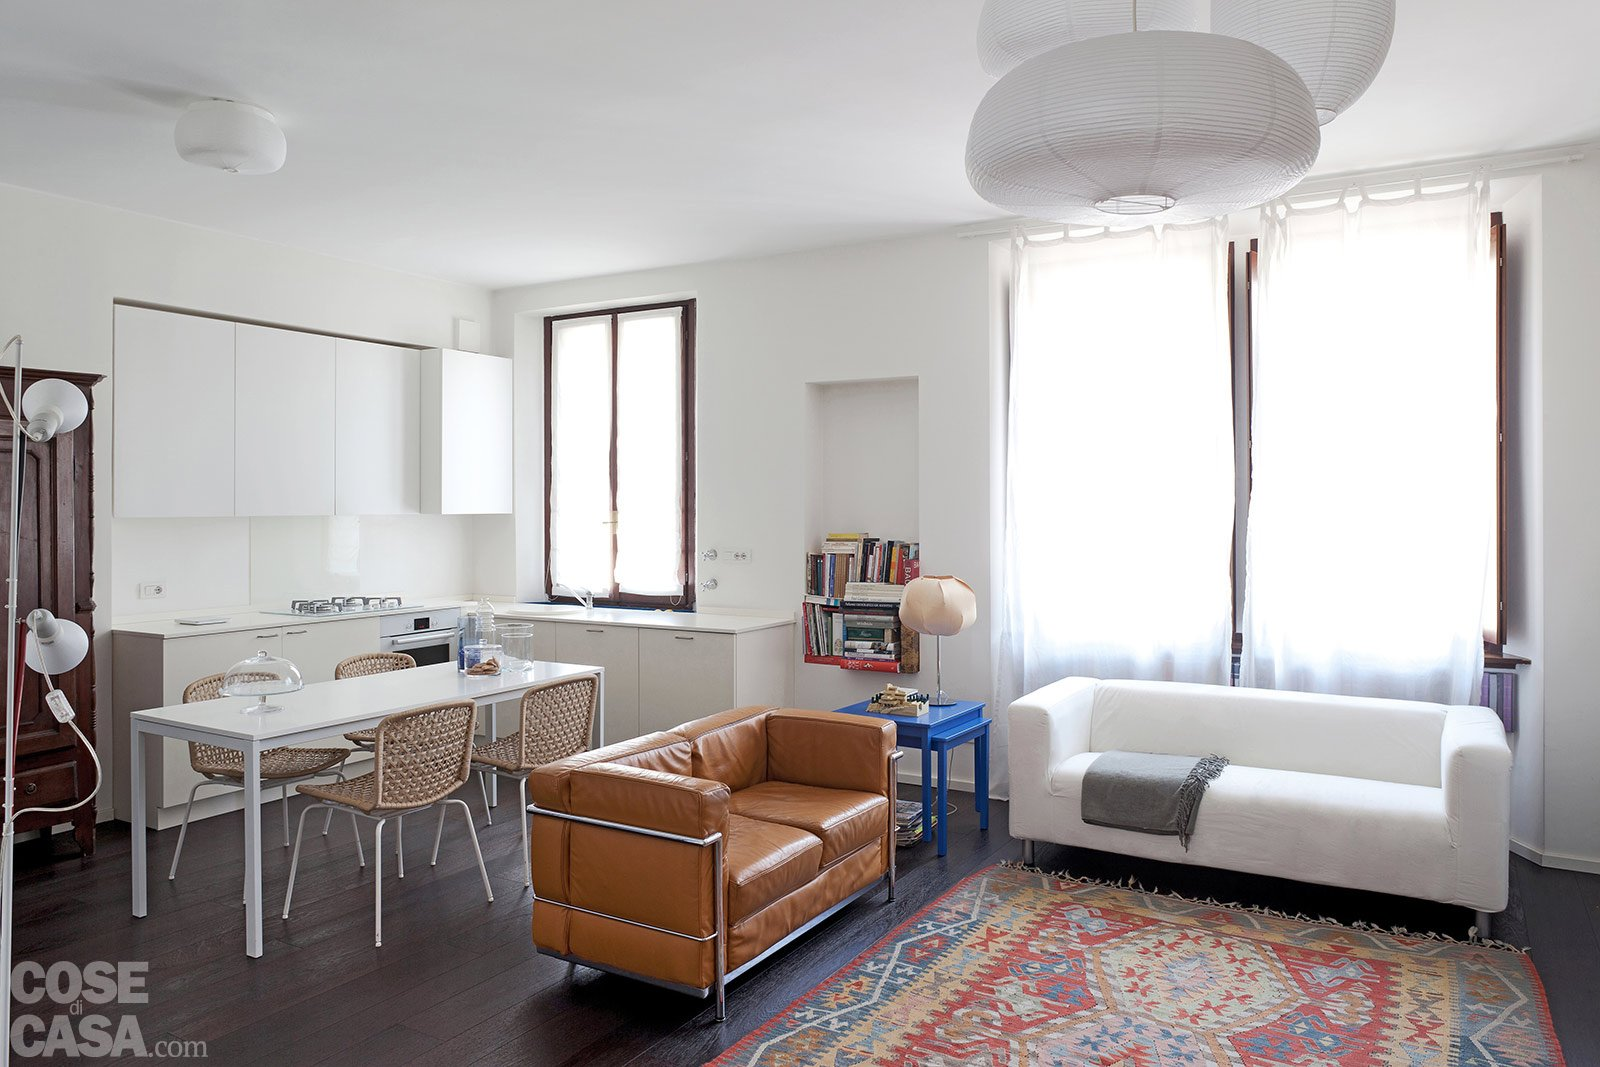 70 mq la casa migliora cos cose di casa for Arredare casa di 40 mq